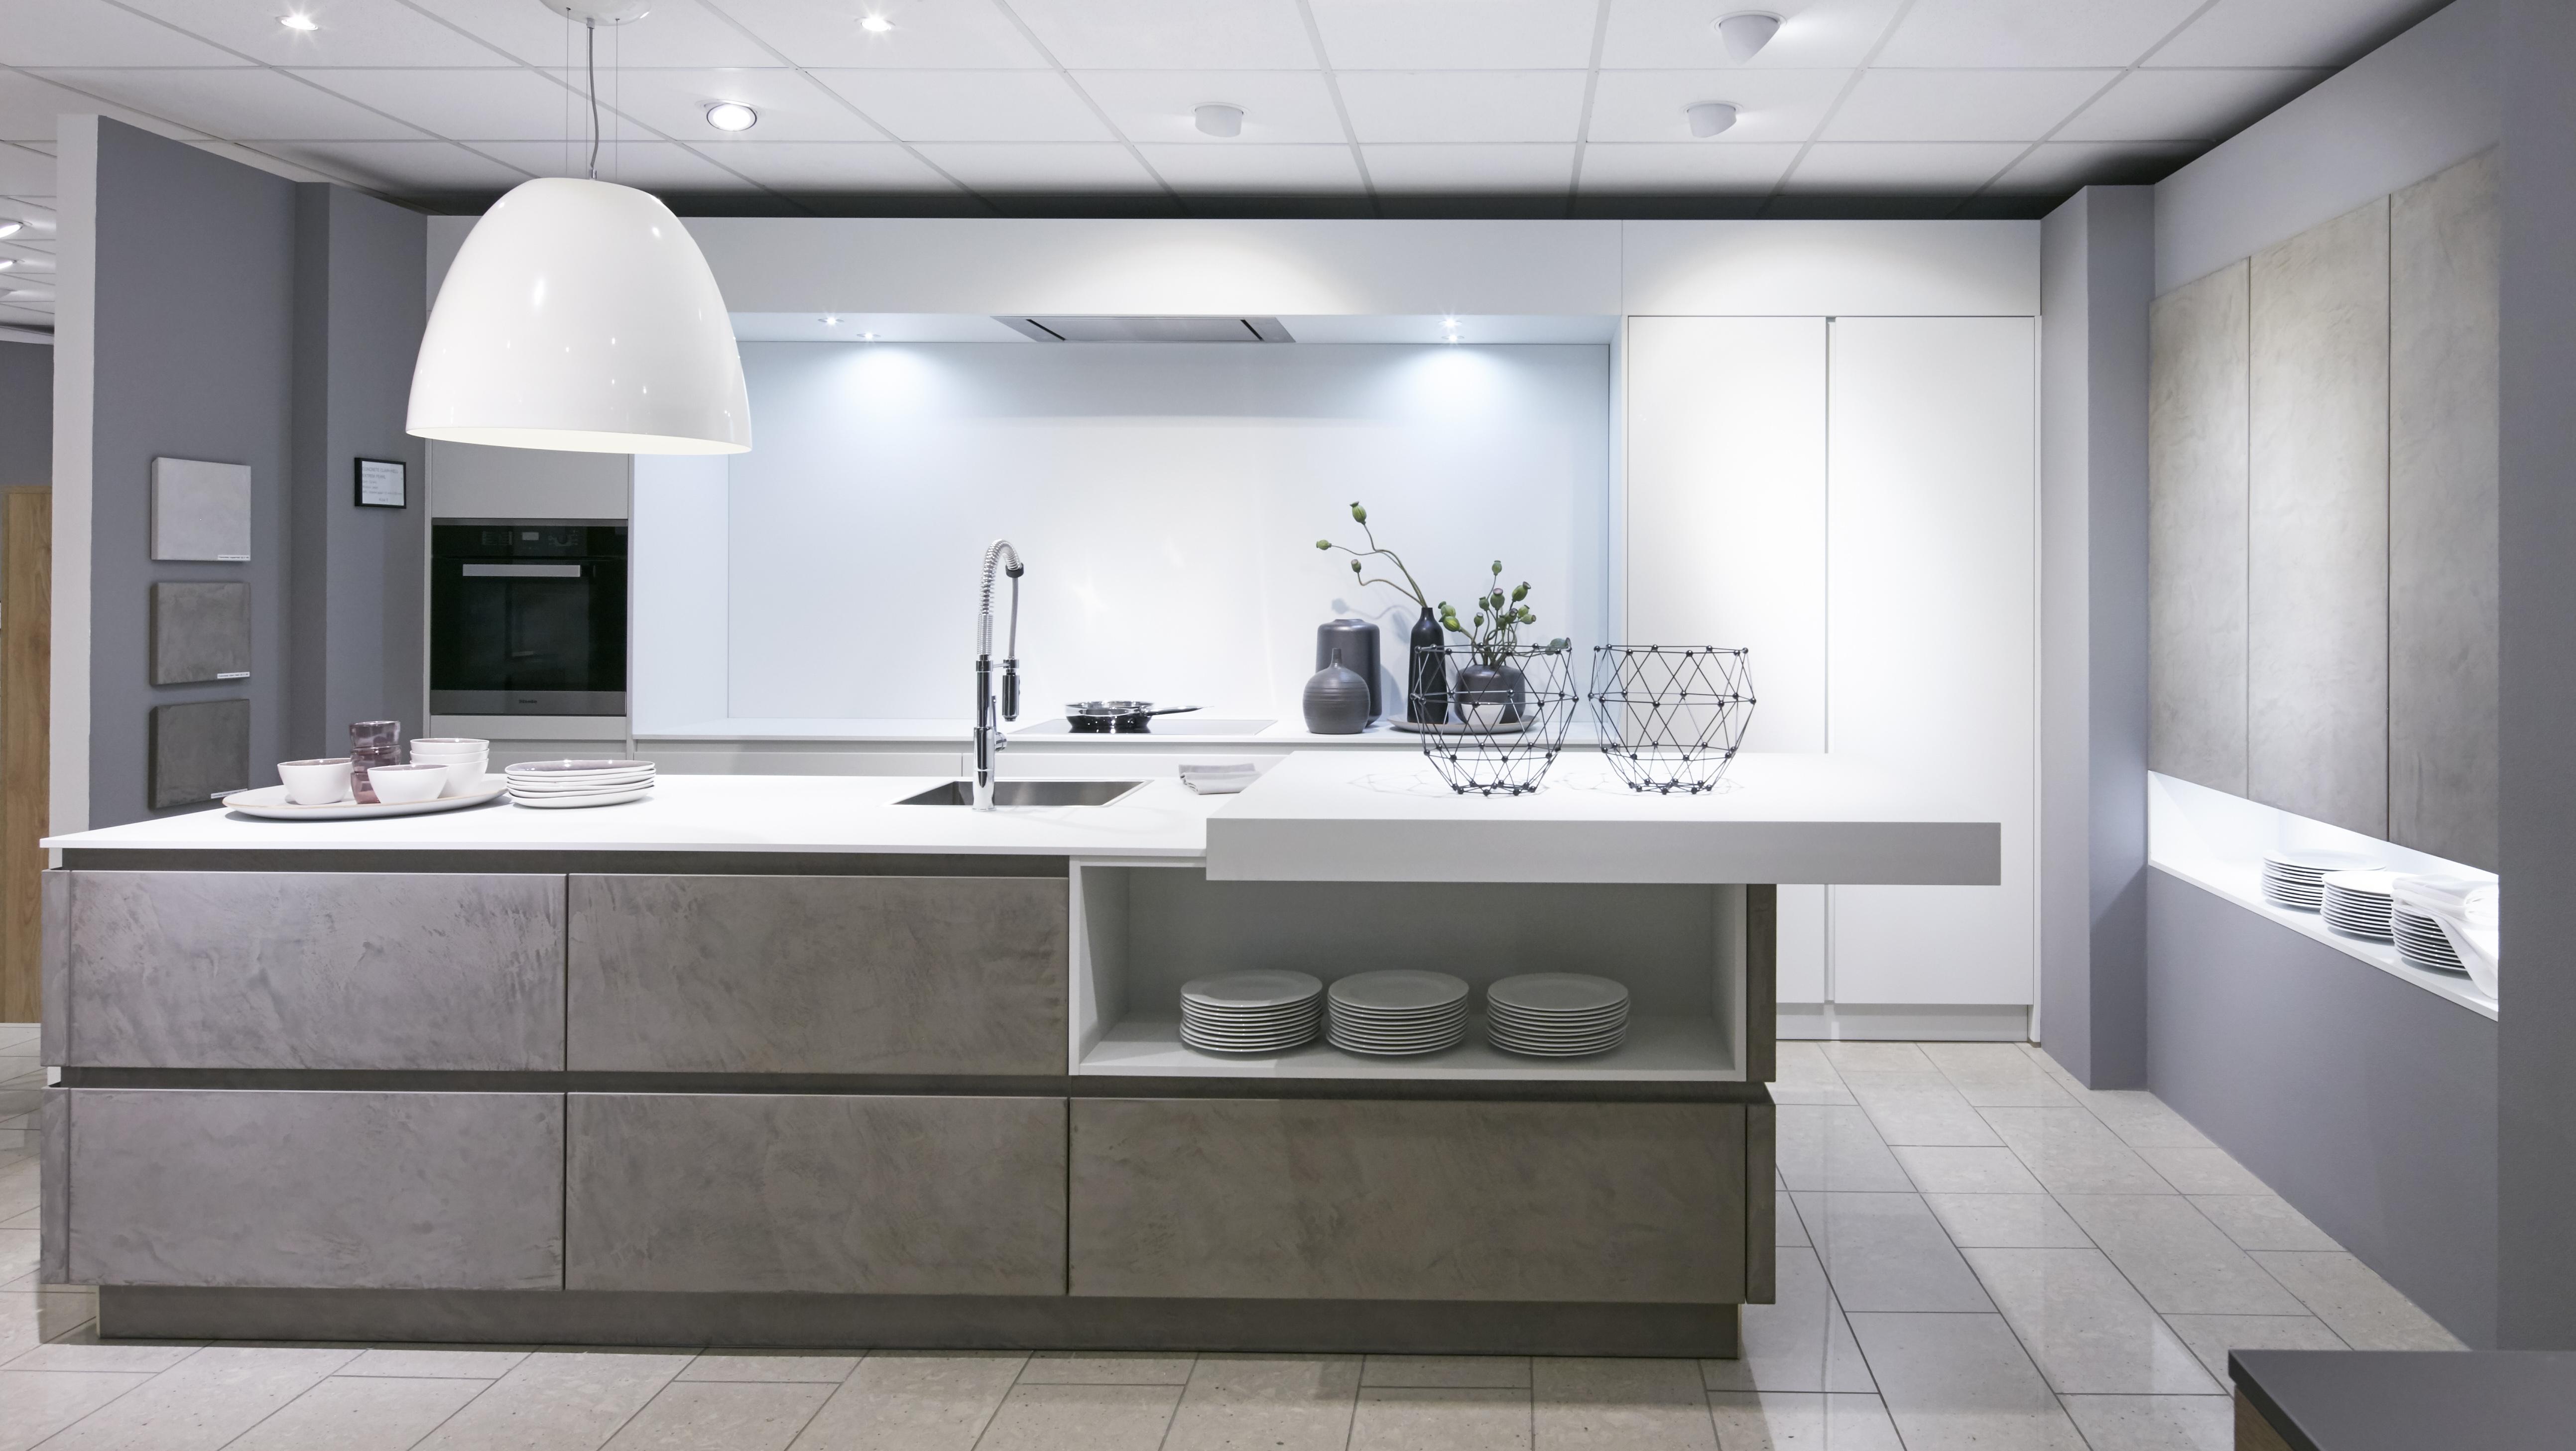 cocina de diseño Schroeder Kuechen